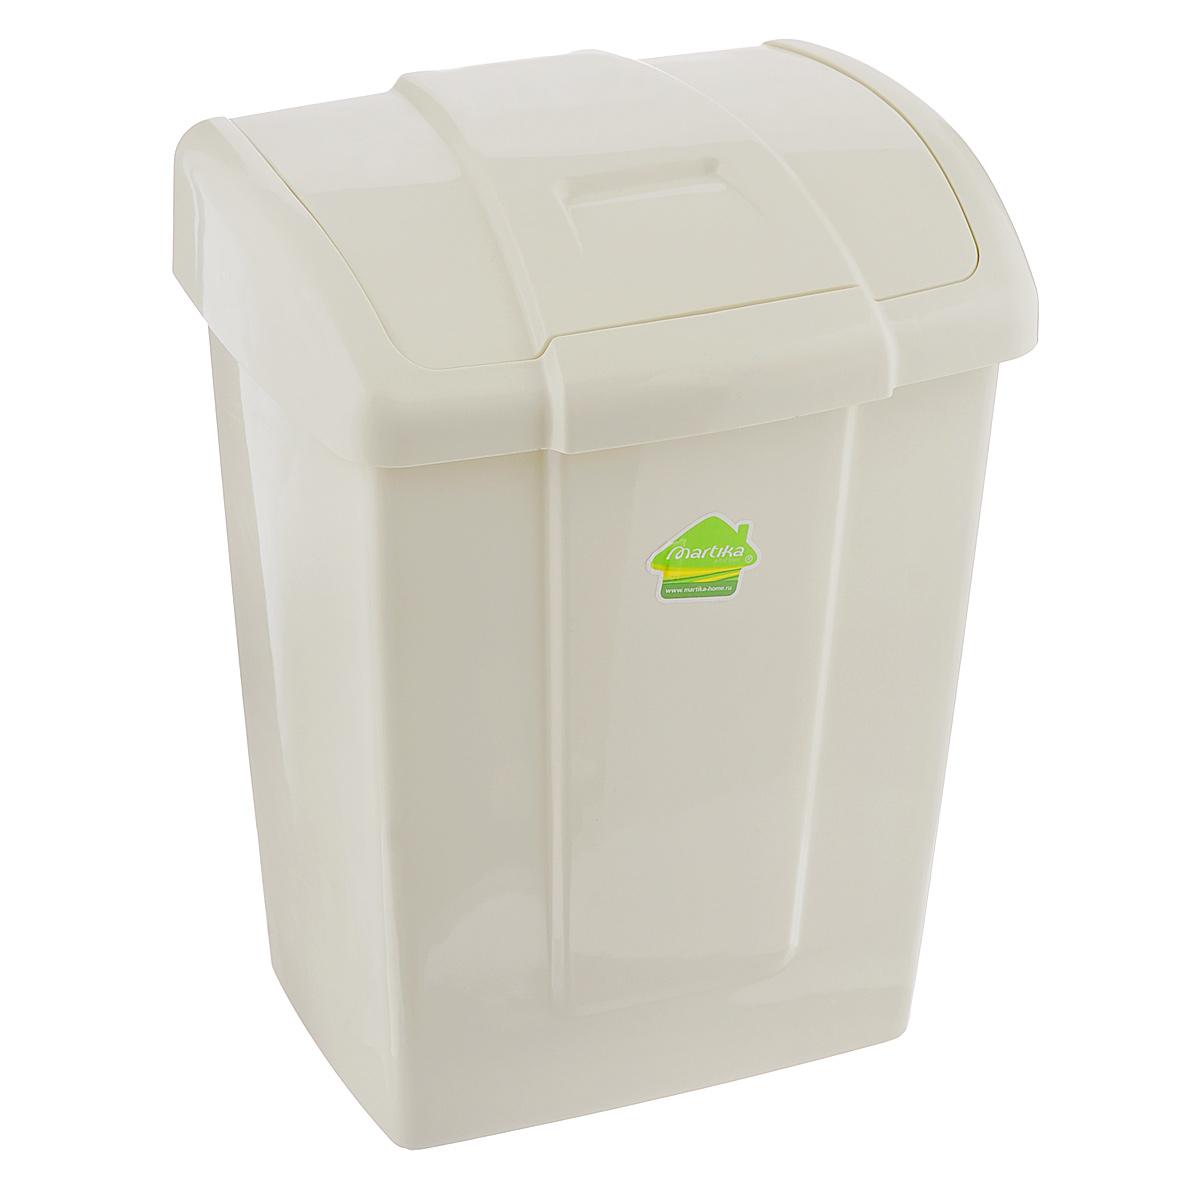 Контейнер для мусора Martika Форте, цвет: светло-бежевый, 9 л68/5/2Контейнер для мусора Martika Форте изготовлен из прочного полипропилена (пластика). Такой аксессуар очень удобен в использовании как дома, так и в офисе. Контейнер снабжен удобной поворачивающейся крышкой. Стильный дизайн сделает его прекрасным украшением интерьера.